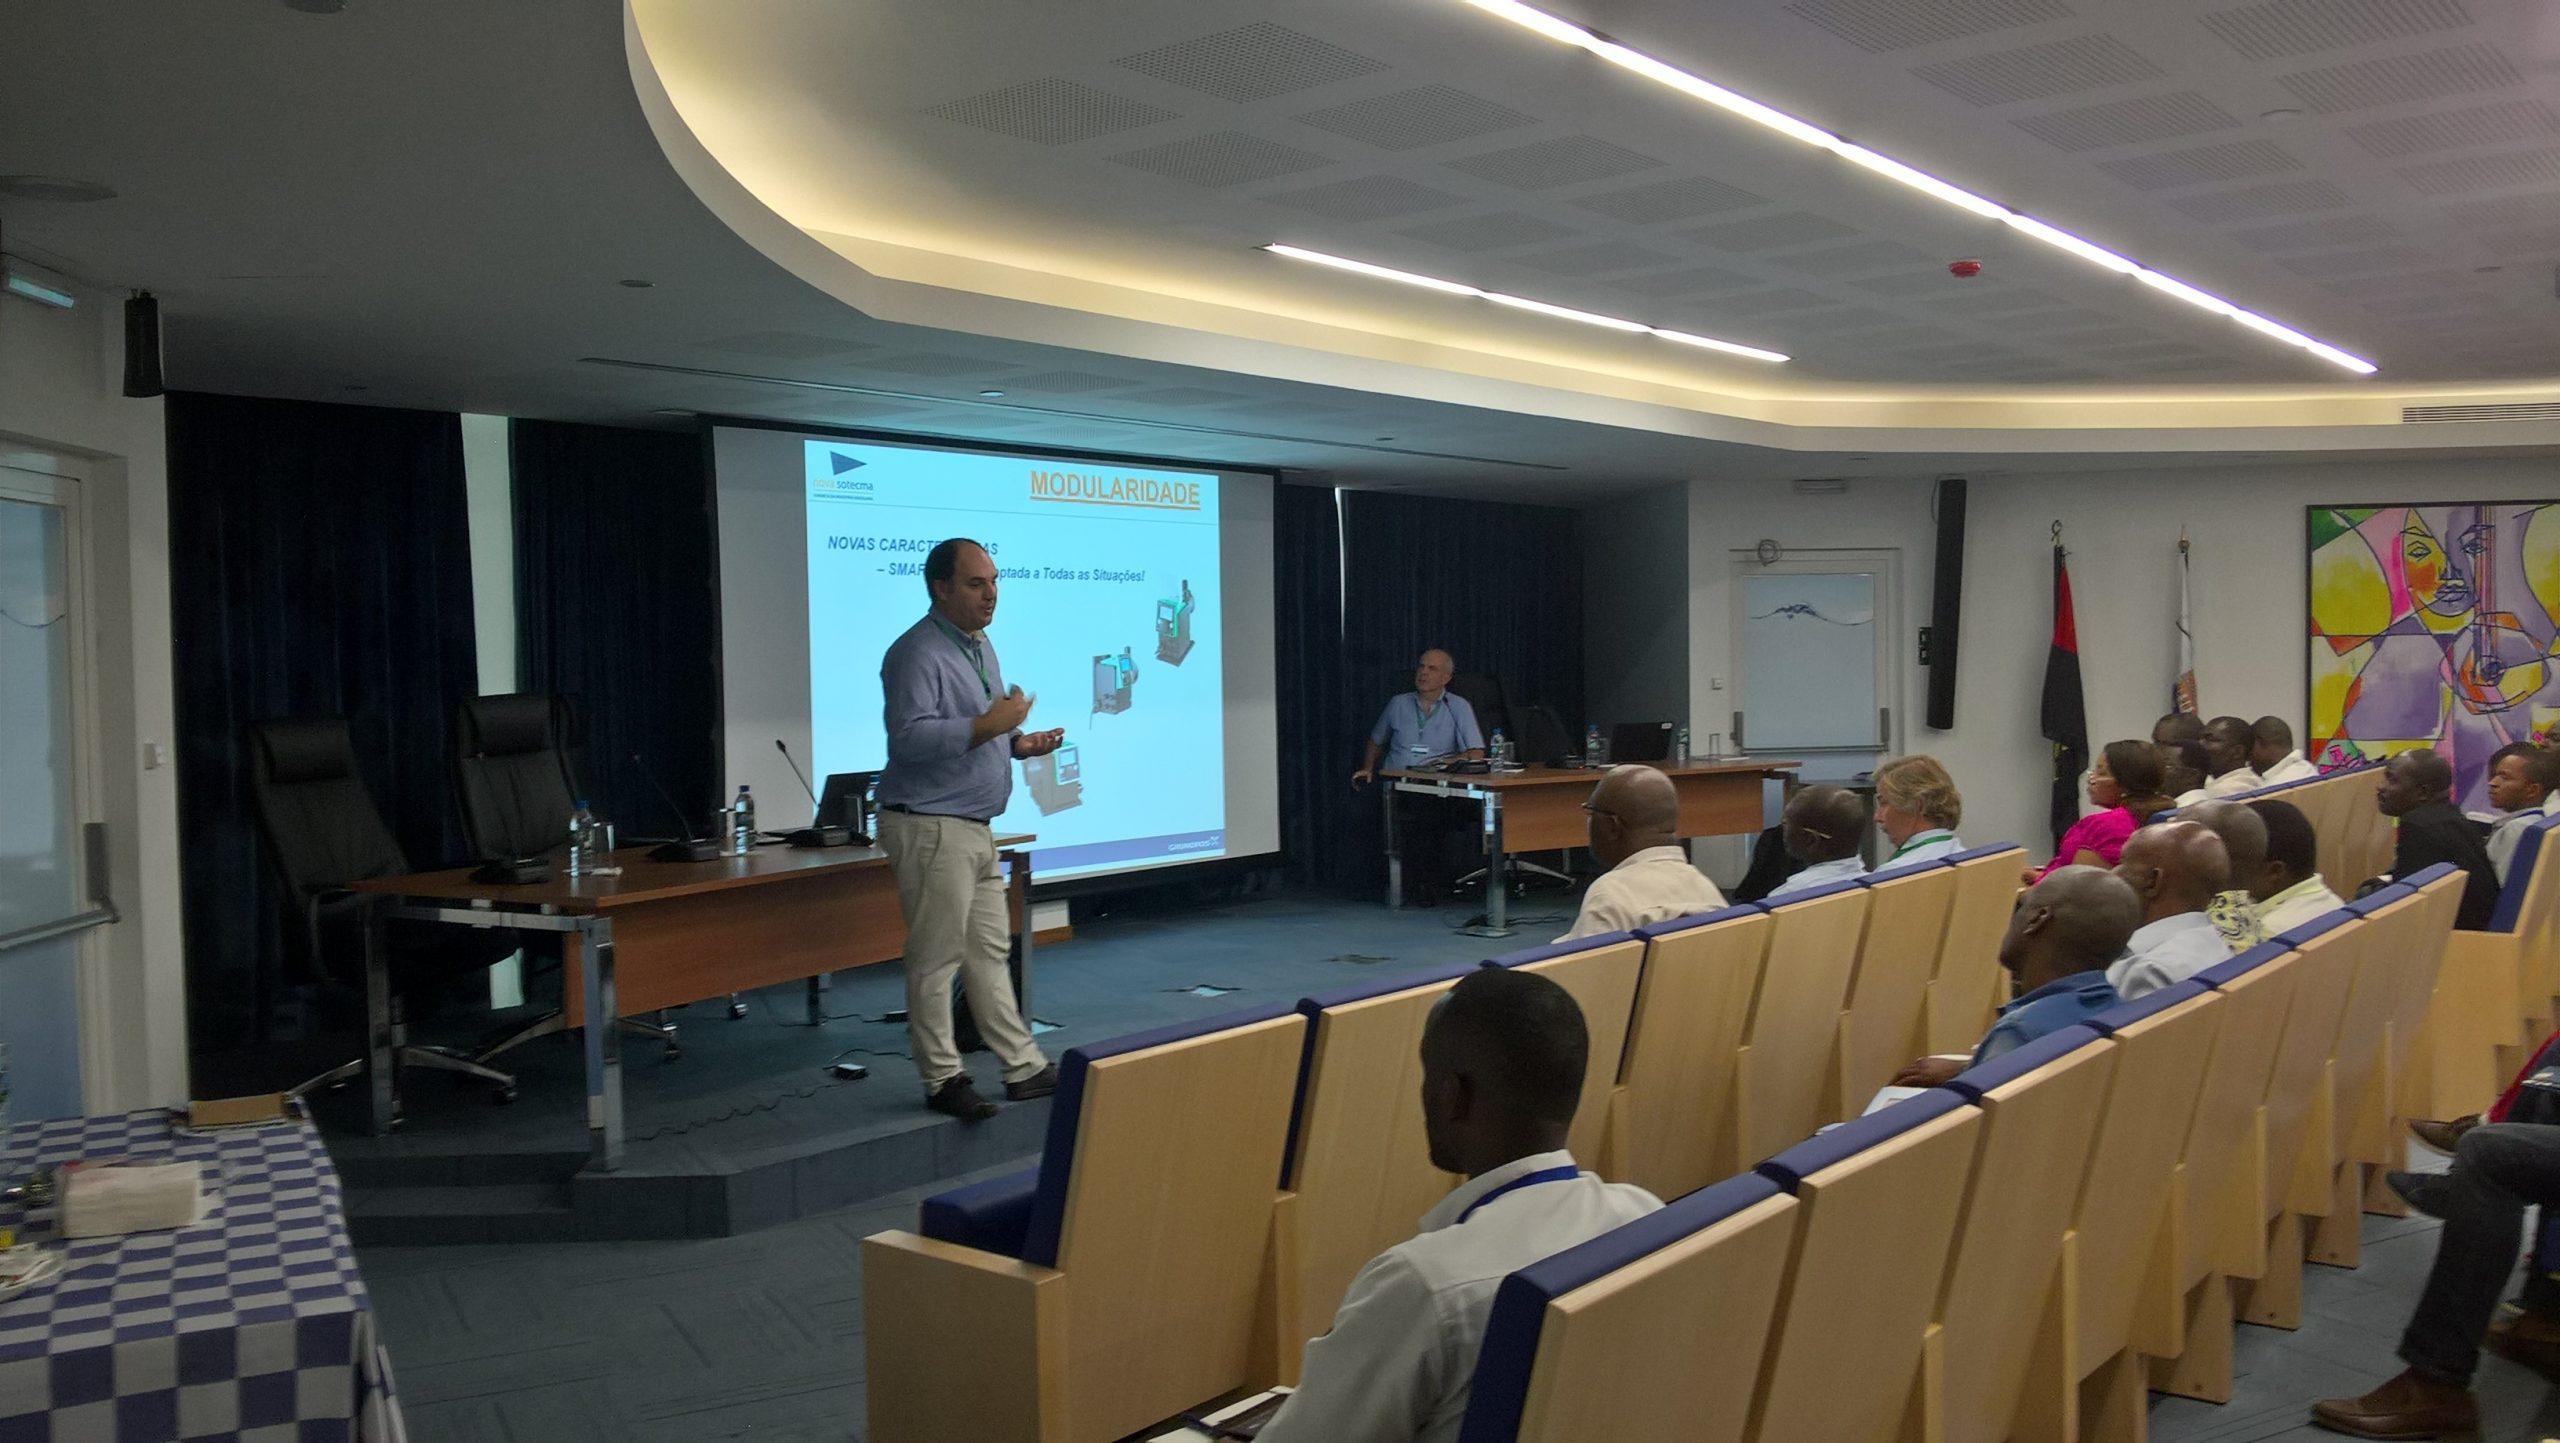 """Seminário """"Tratamento de Água – Soluções Grundfos"""" nas instalações da Epal promovido pela Nova Sotecma em parceria com a Grundfos"""